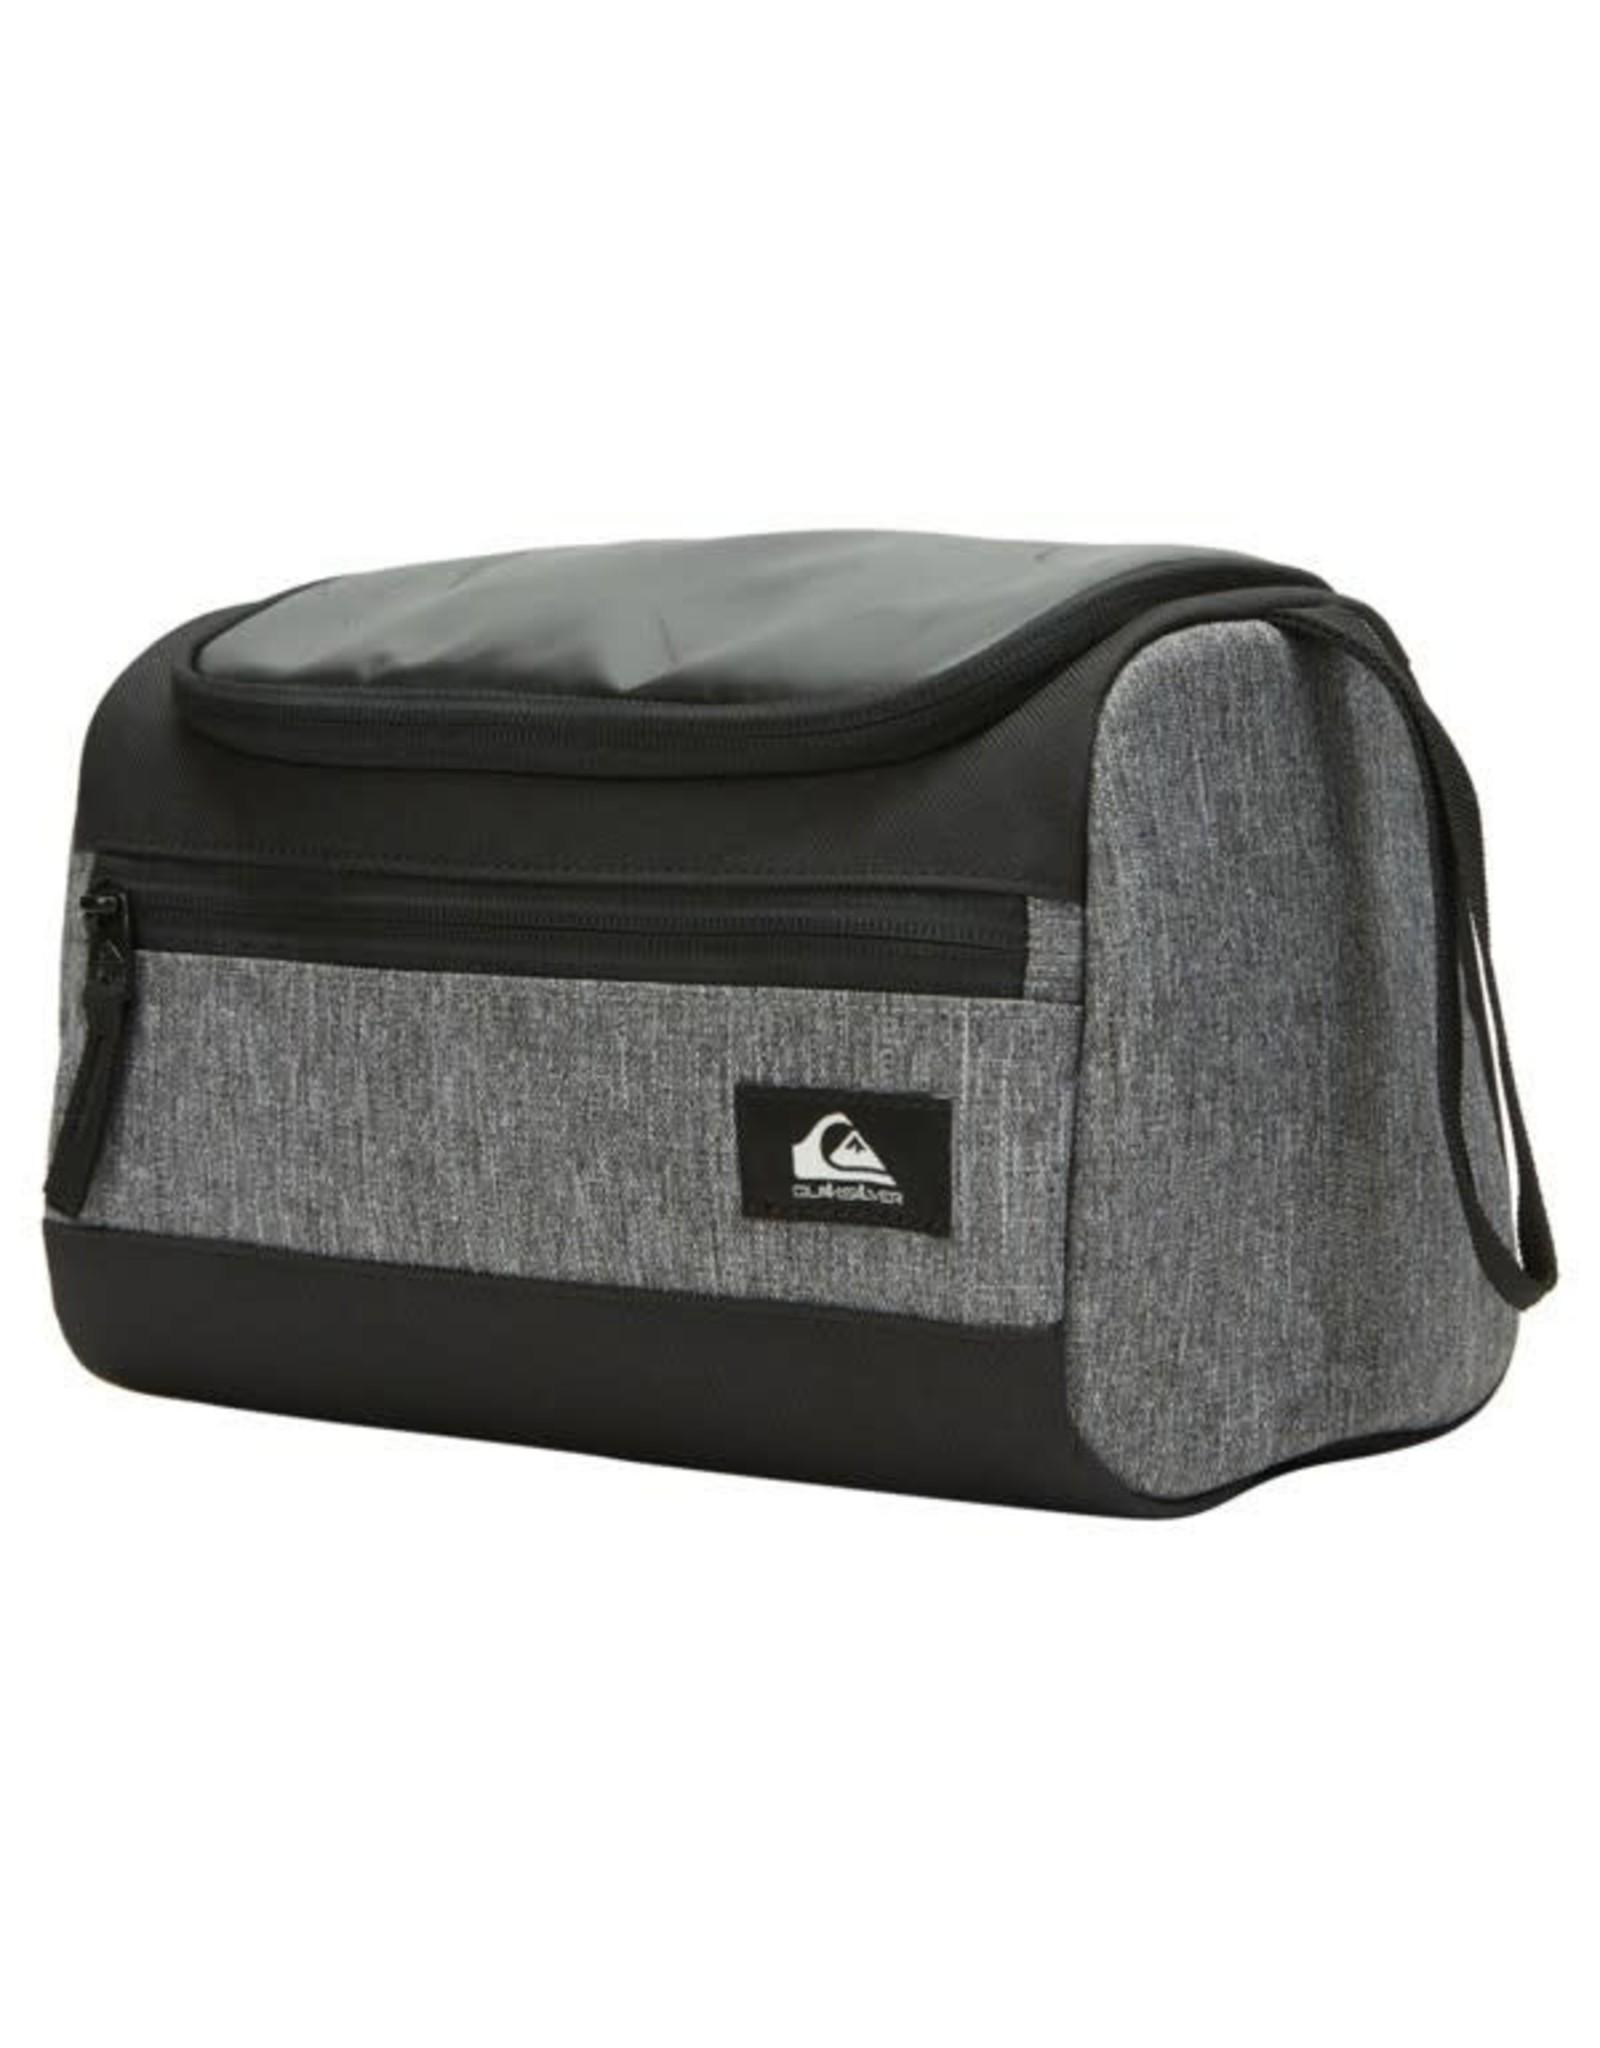 quiksilver Quiksilver Capsule Travel Bag KVJ3